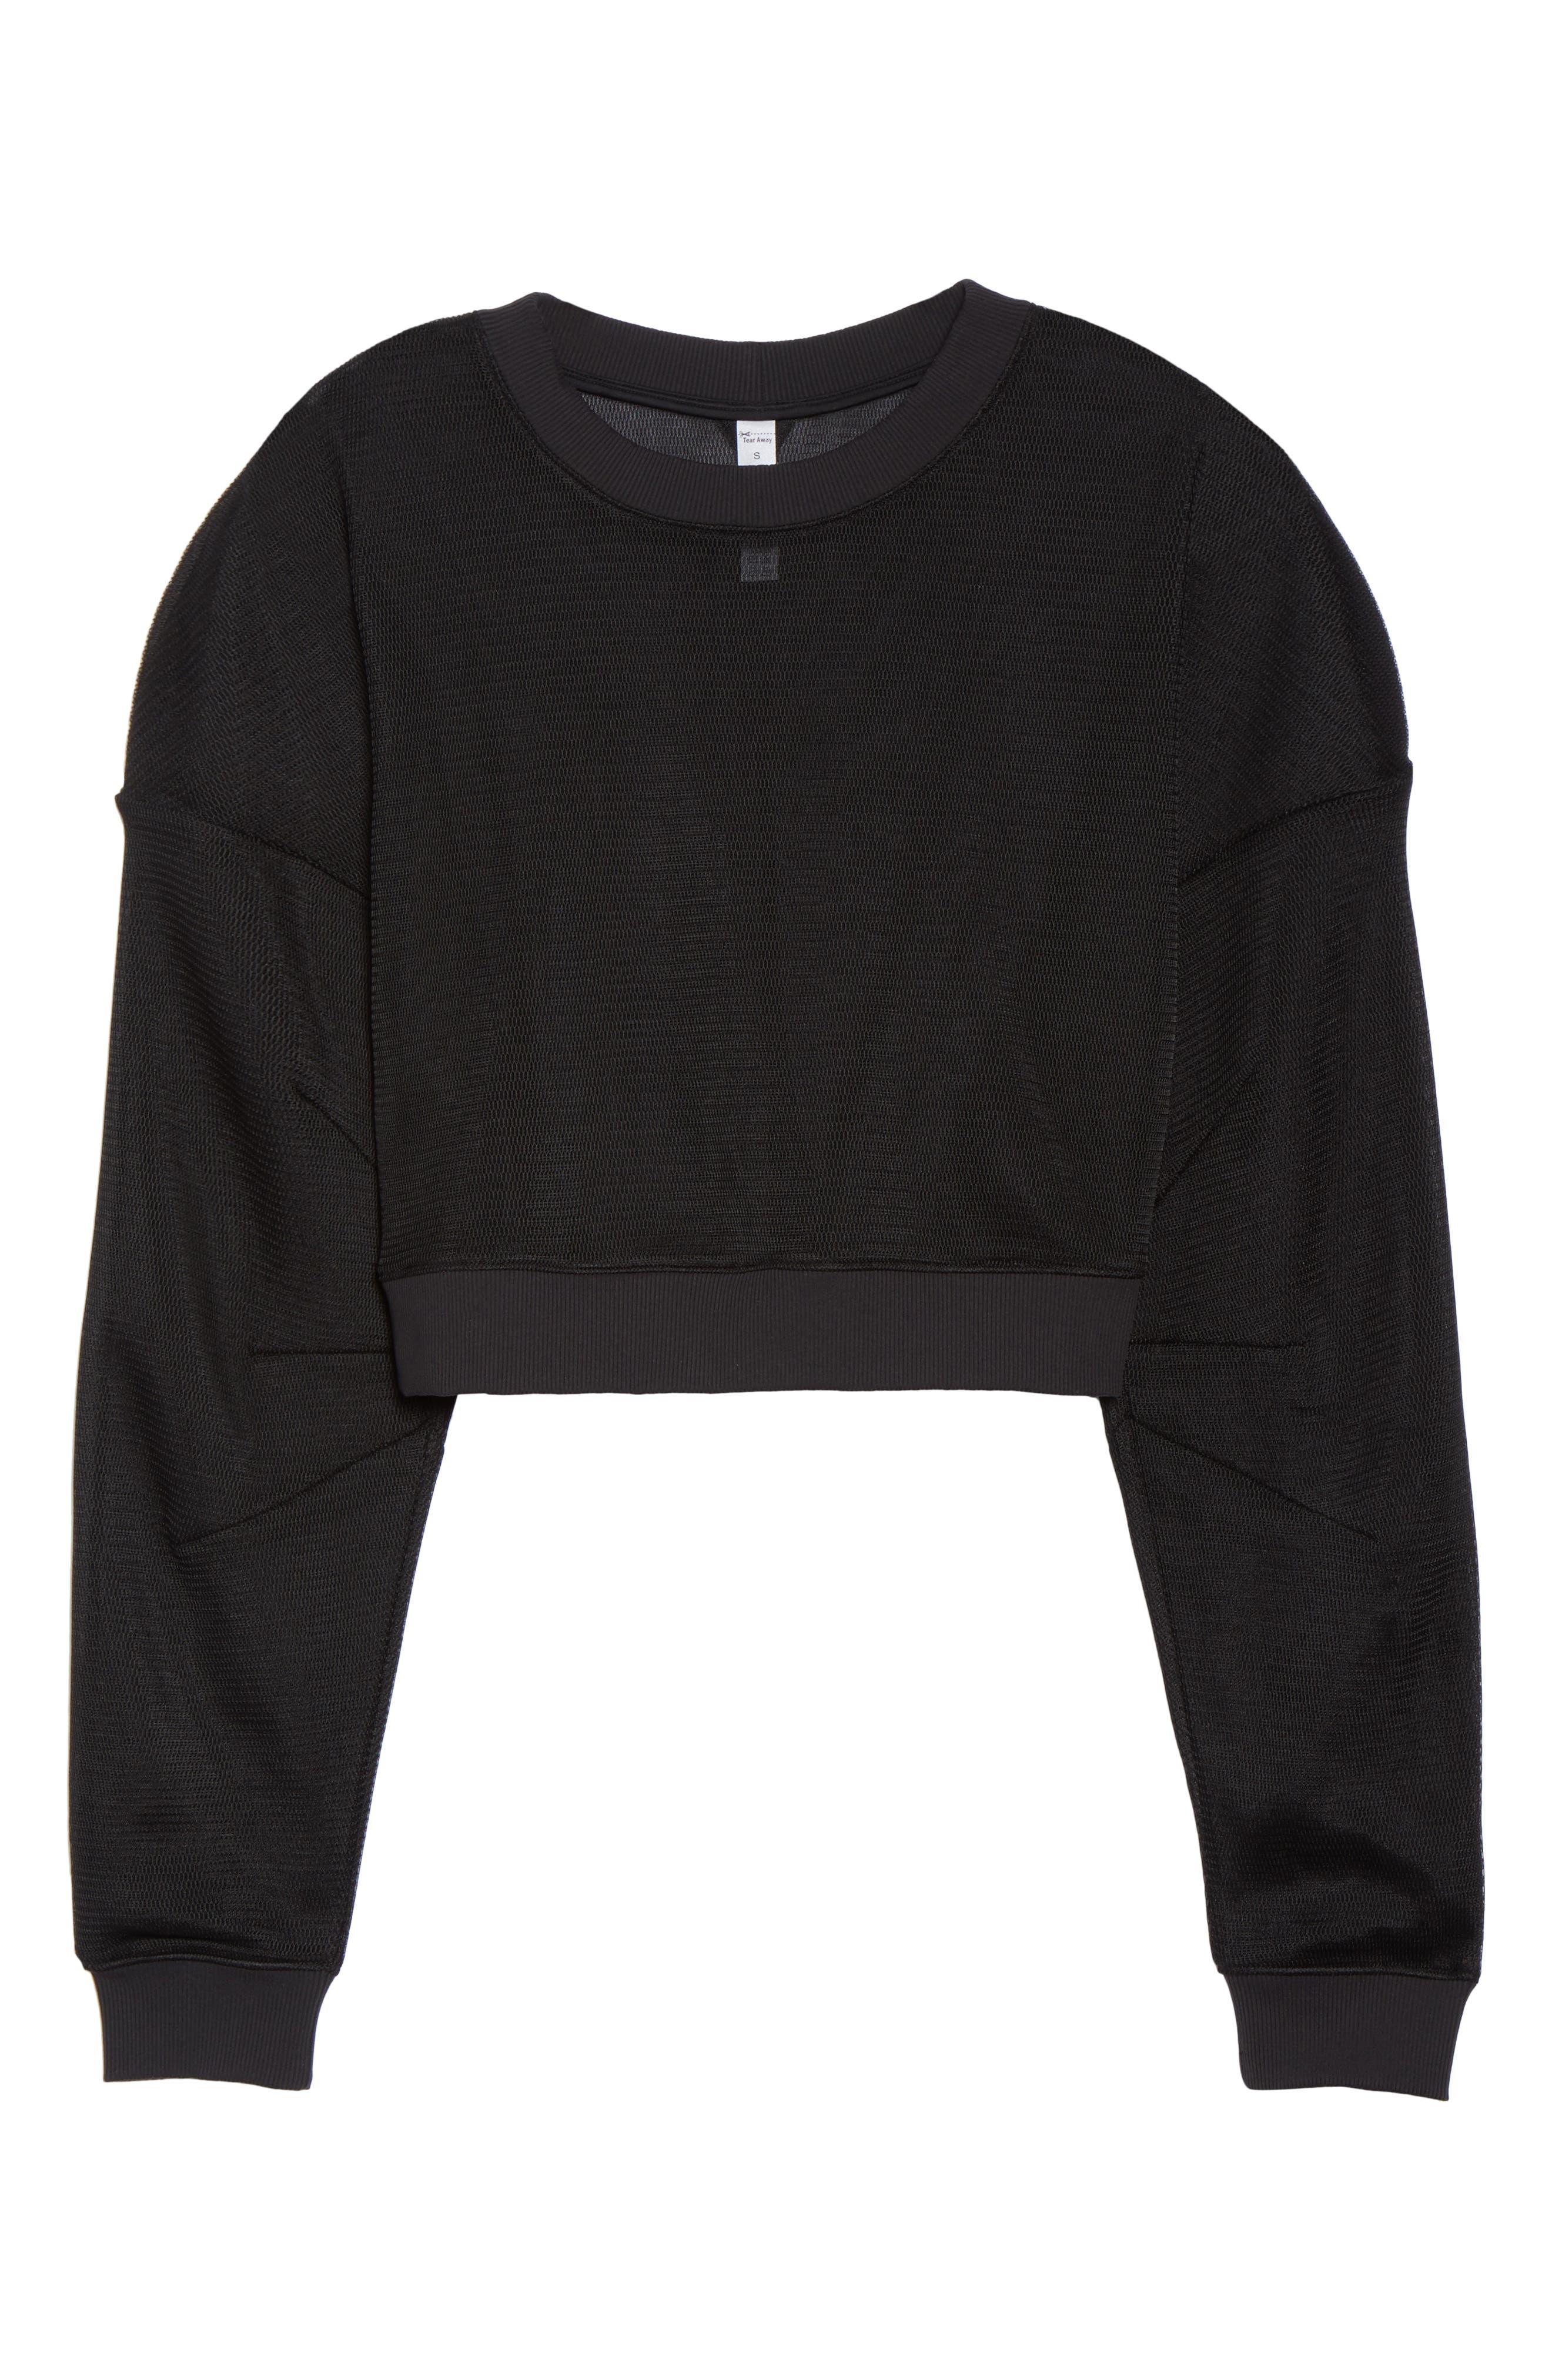 ALO, Row Long Sleeve Sweatshirt, Alternate thumbnail 6, color, BLACK